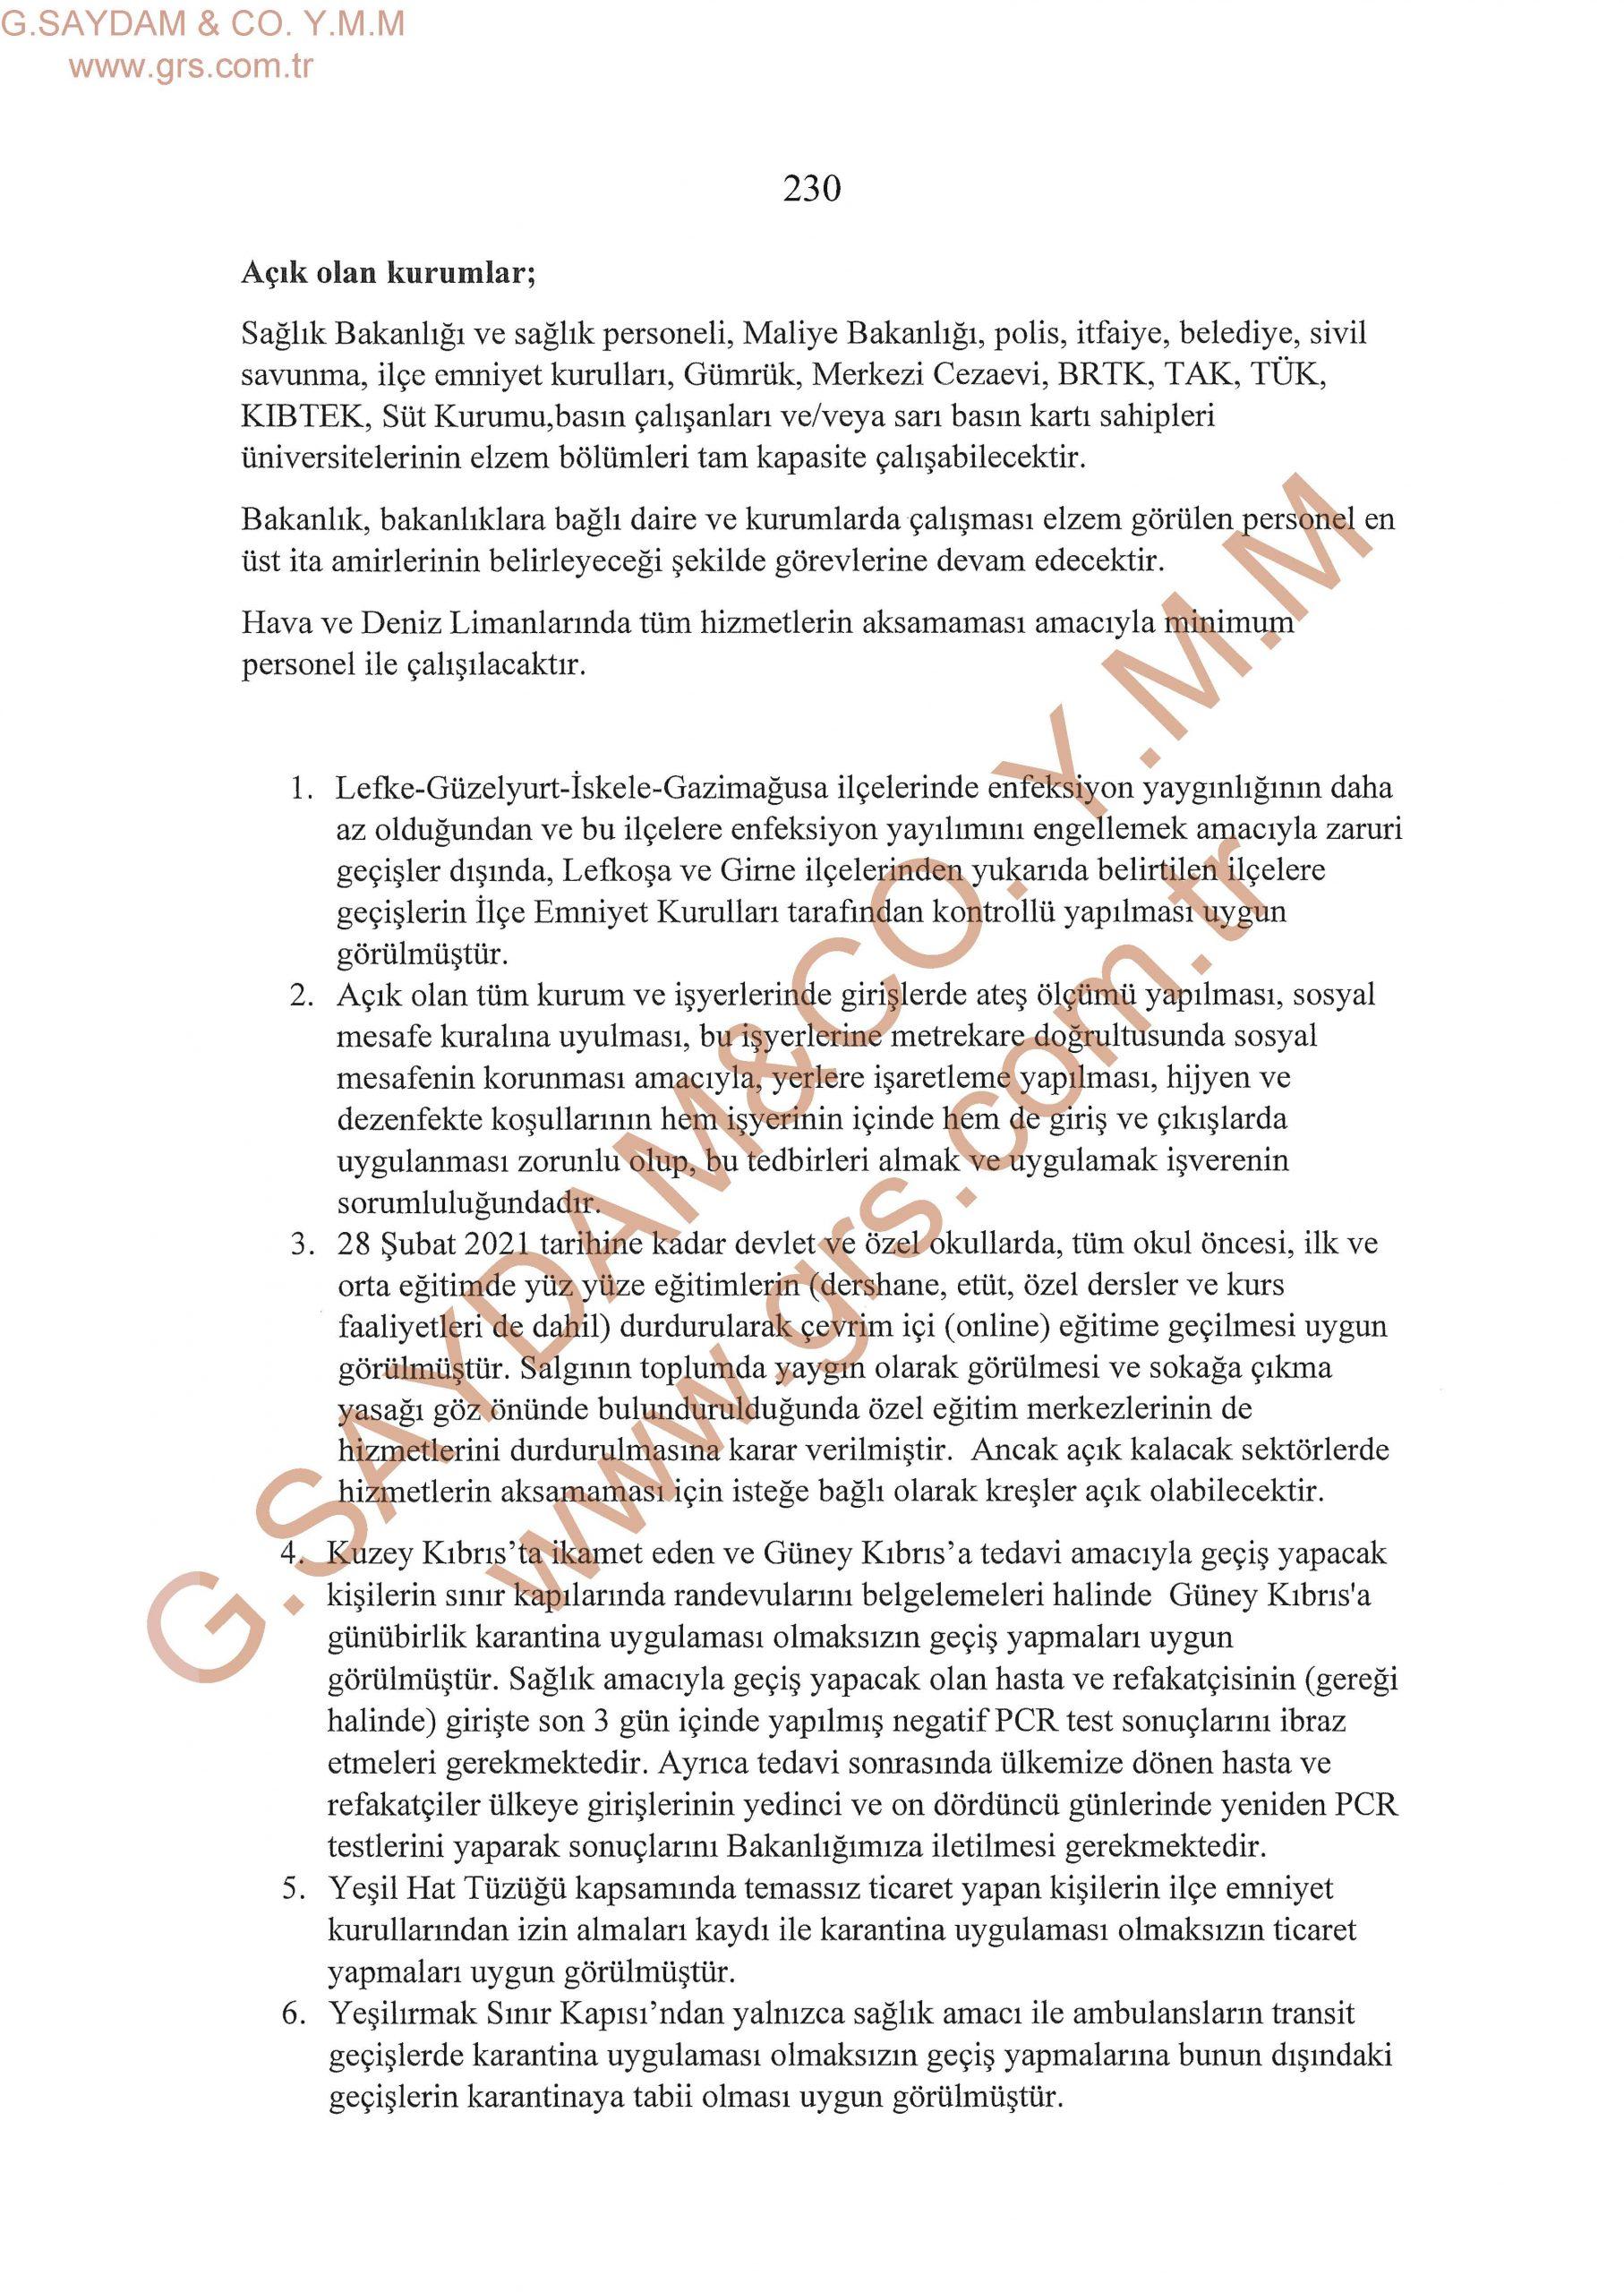 Açık ve Kapalı Olan İş Yerleri İle Uyulması Gereken Kurallar 20022021